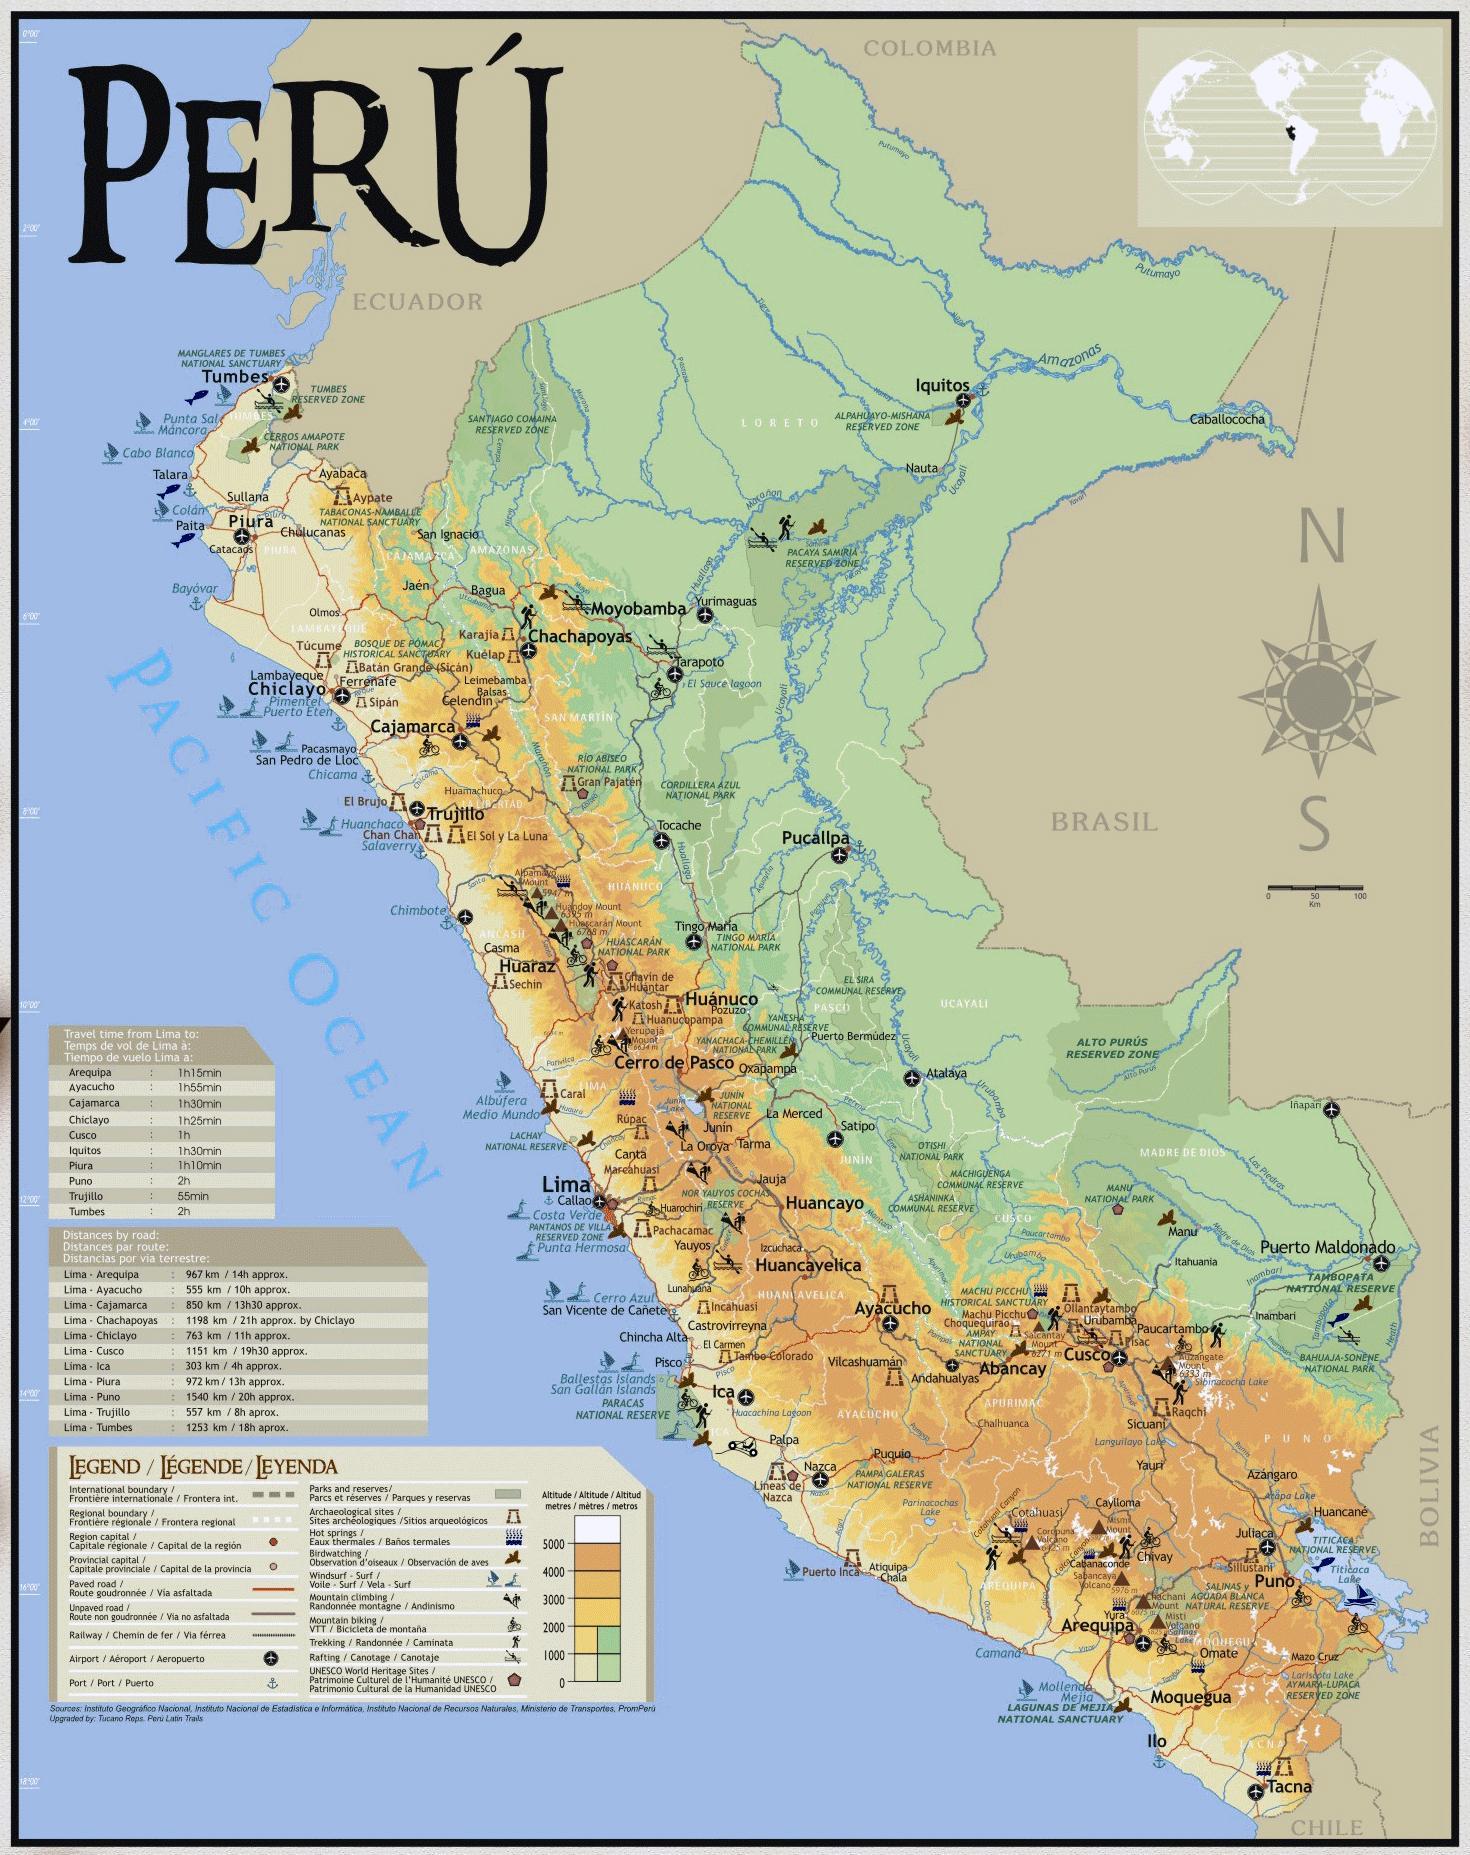 Peru Travel Map Kartta Perun Matkailu Etela Amerikka Amerikka